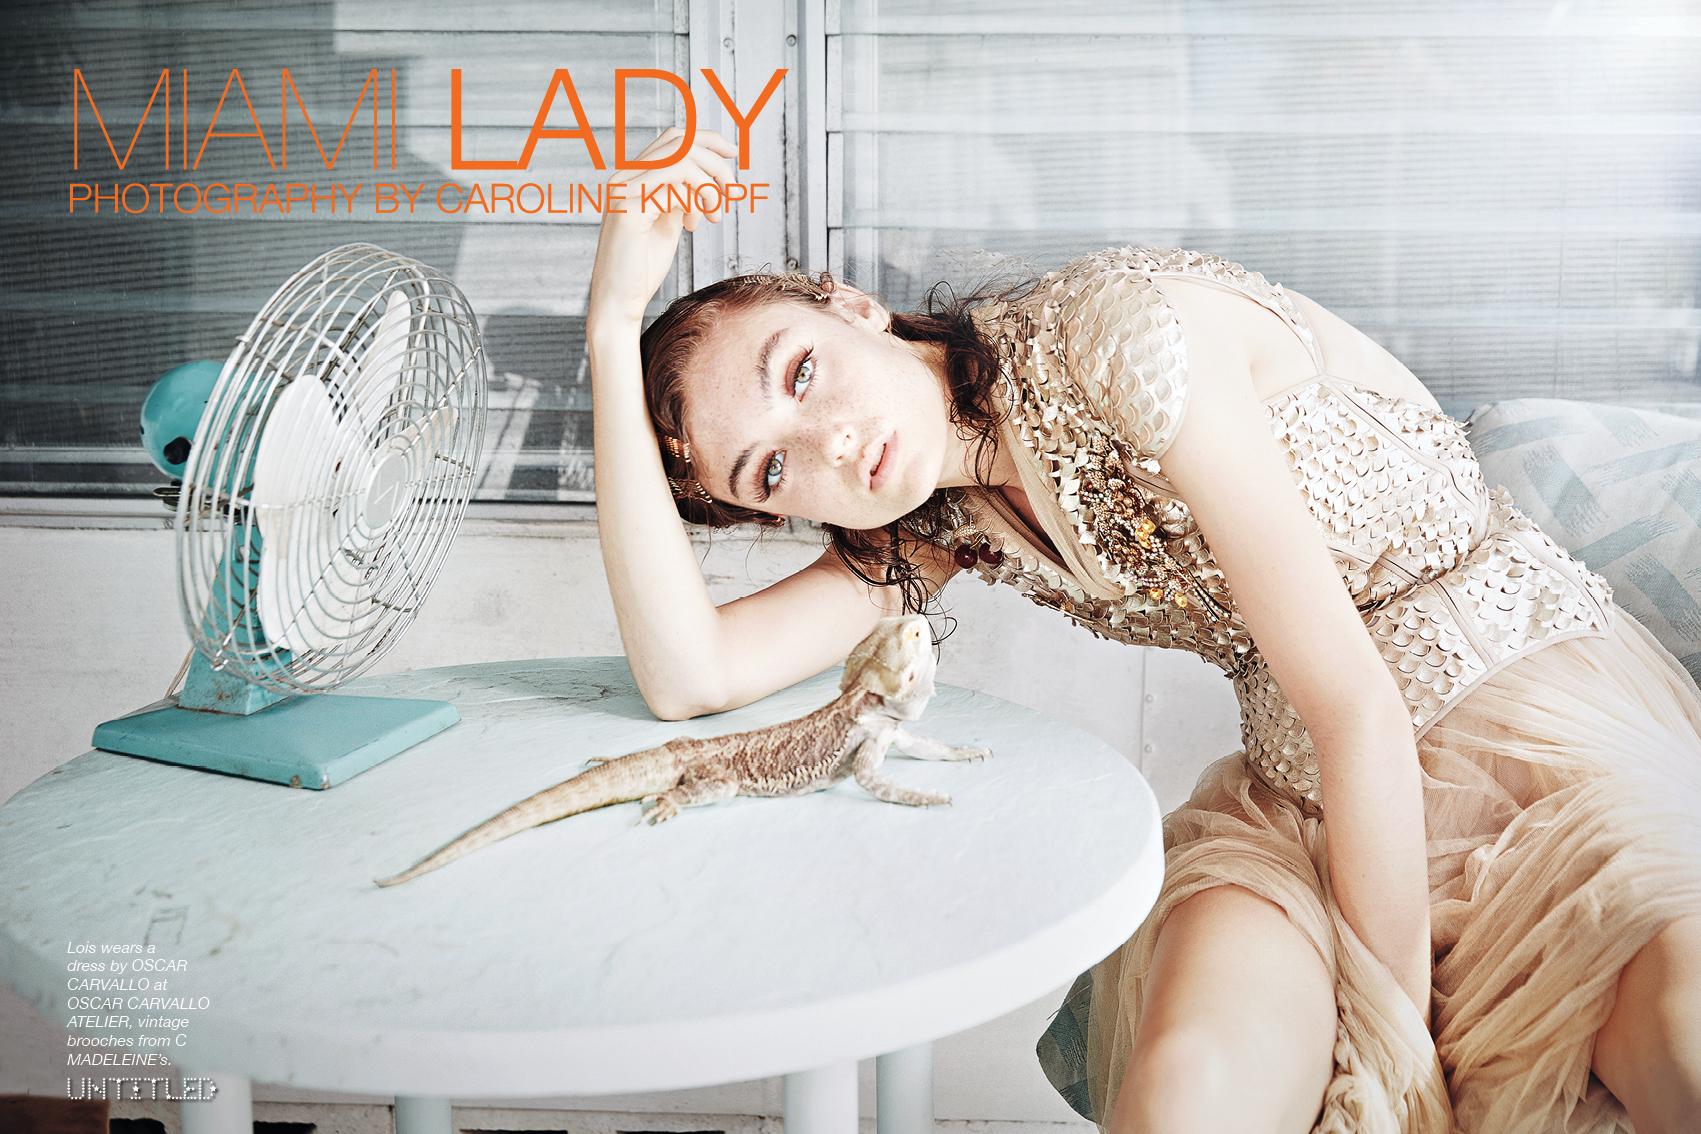 Miami-Lady-The-Untitled-Magazine-Photography-Caroline-Knopf-1-1